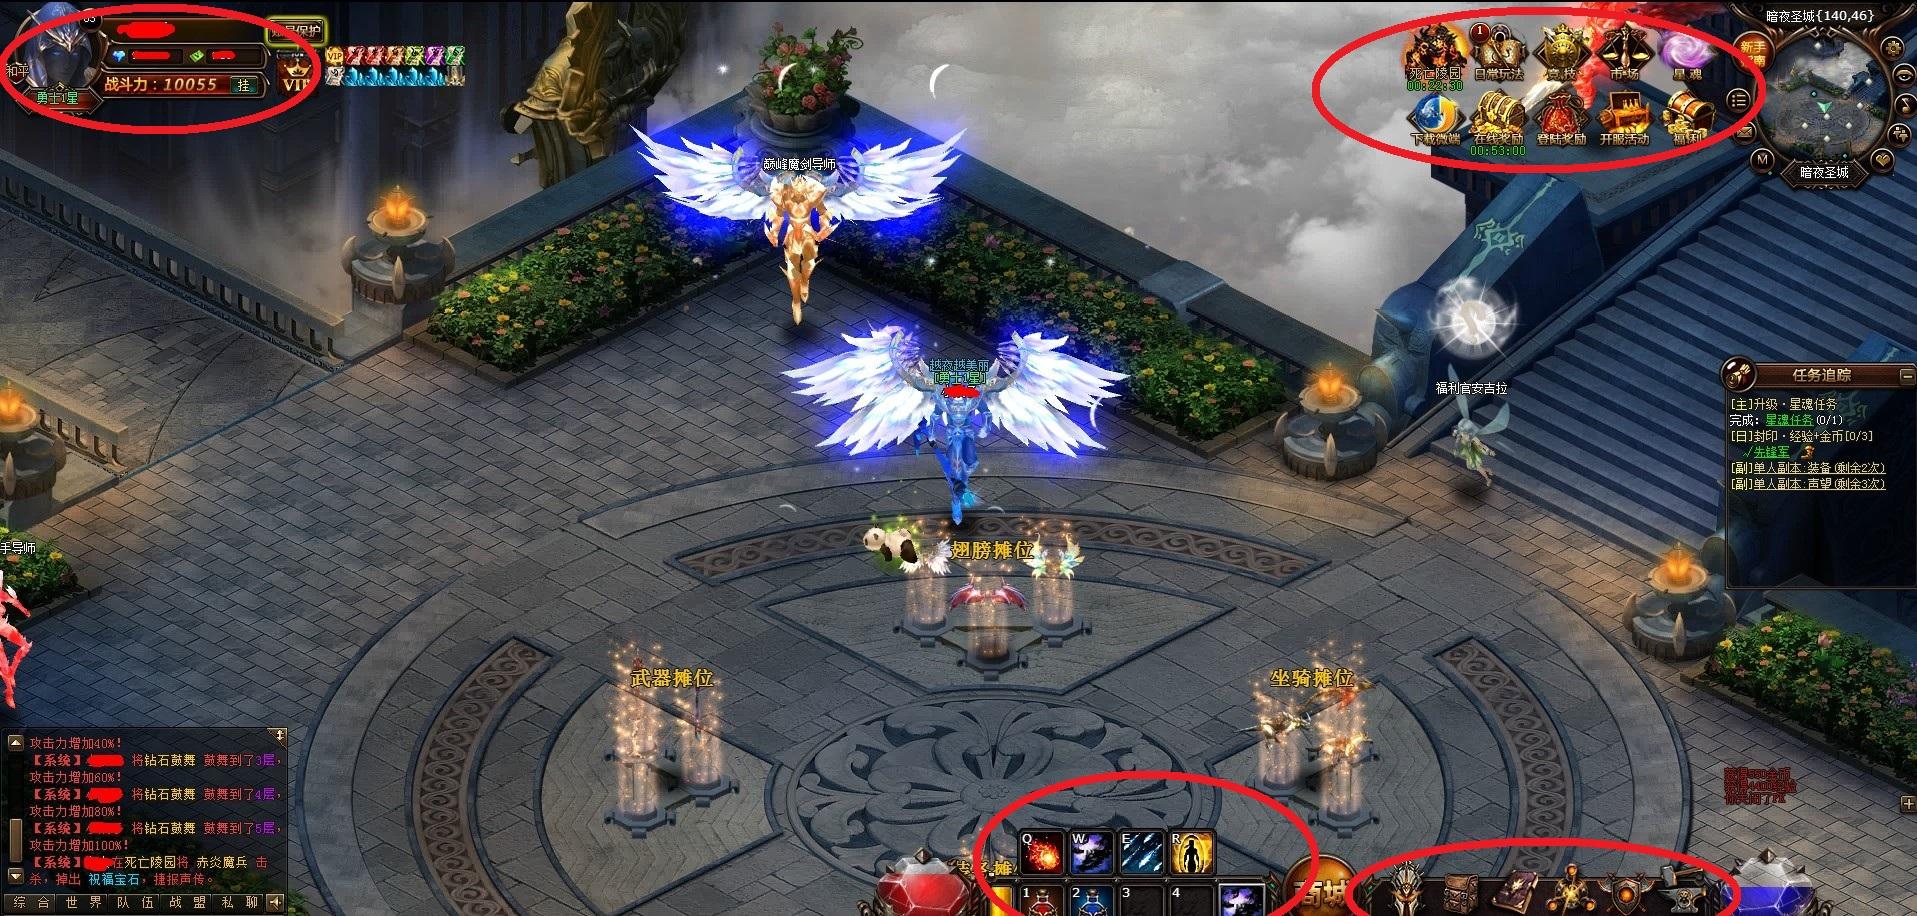 暗夜之神游戏界面介绍图片